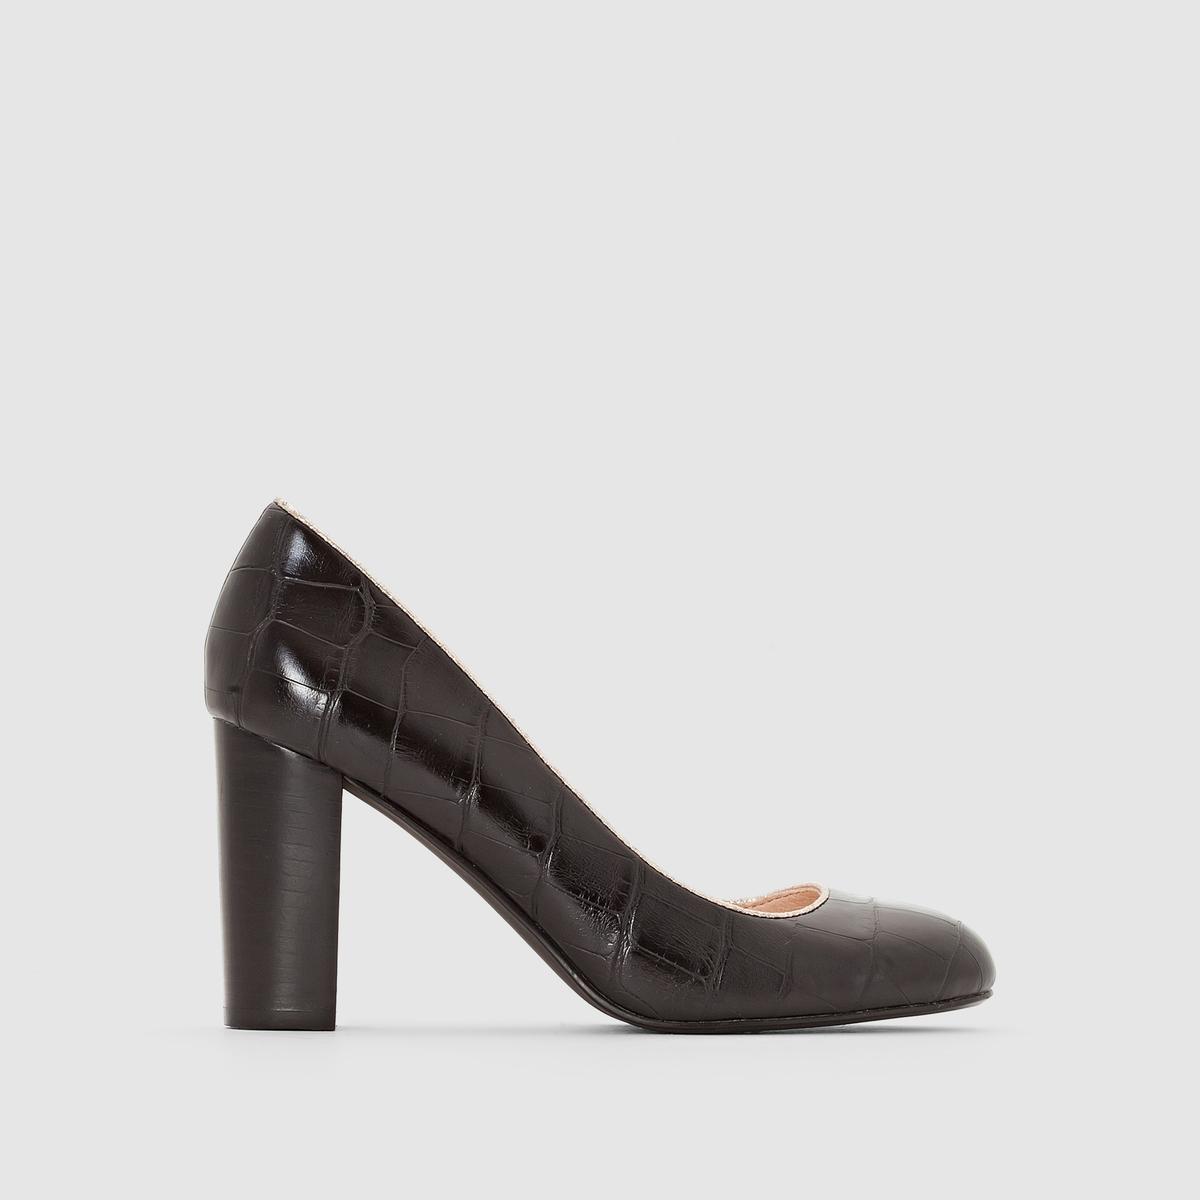 Туфли-лодочки AlexaniaВерх : Синтетический материал    Подкладка: Свиная кожа   Подошва :  Синтетический материал    Высота каблука : 7 - 9 см   Застежка : без застежки<br><br>Цвет: черный<br>Размер: 40